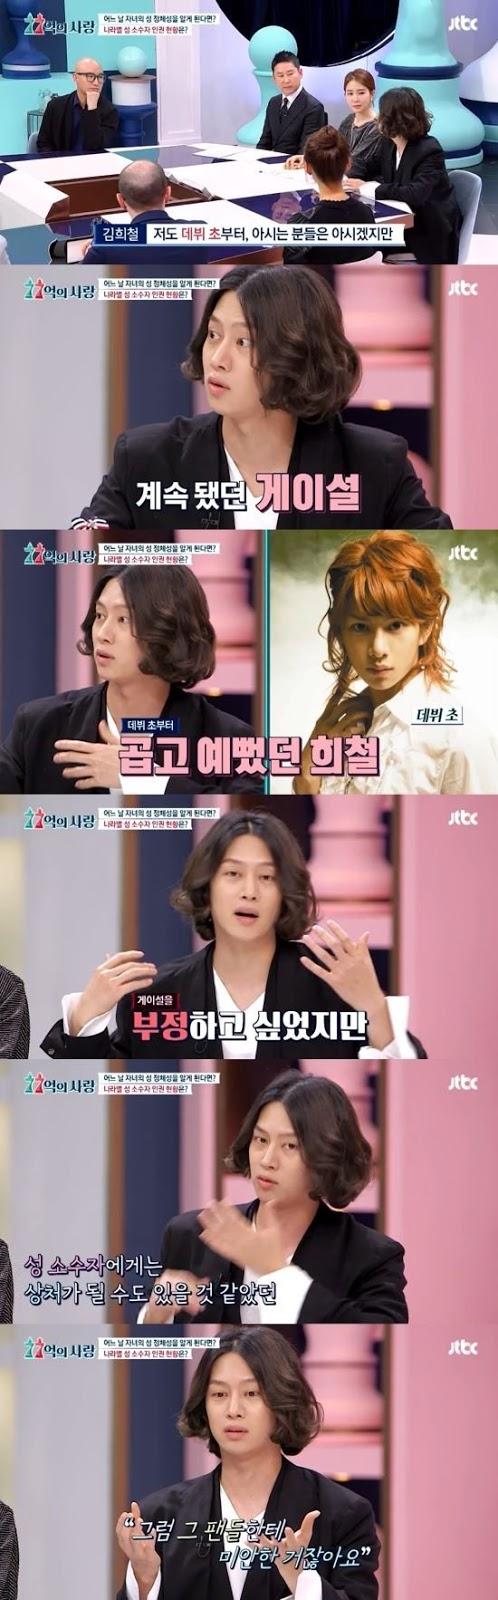 Heechul, hakkında çıkan eşcinsel dedikodularını neden yalanlamadığını açıkladı